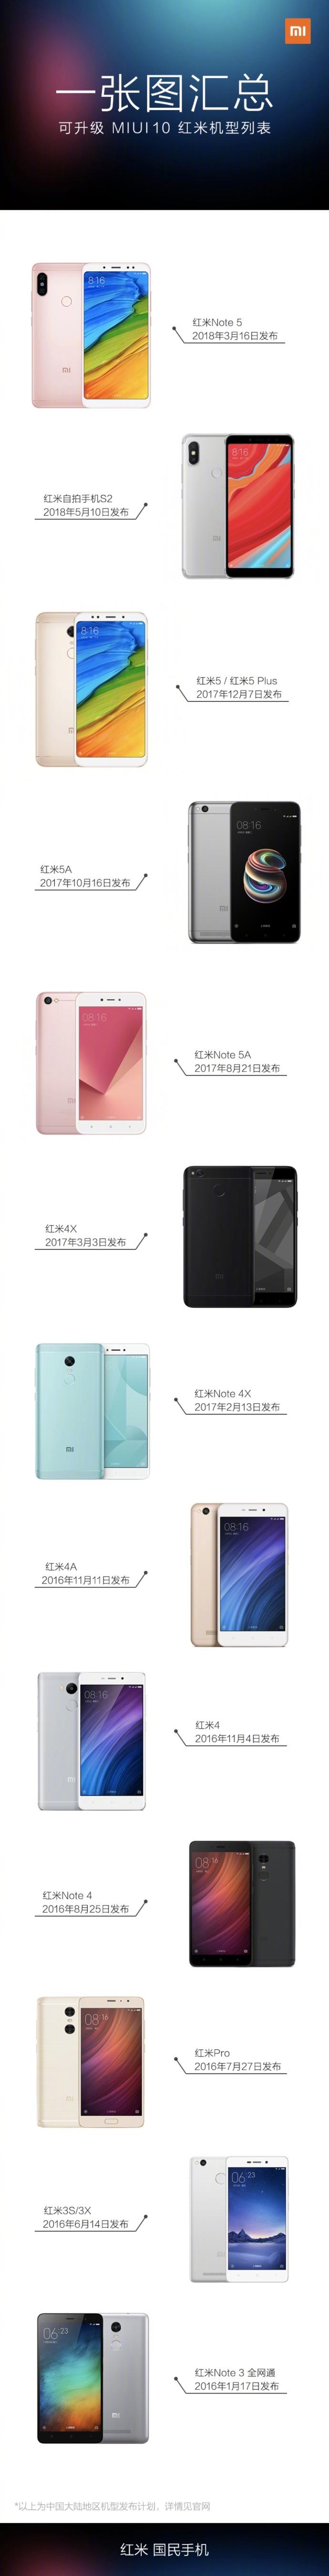 MIUI 10 está basado en Android 8.1 Oreo y tiene como mayor actualización la tecnología AI.La tecnología AI en MIUI 10 brinda aprendizaje profundo y, por lo tanto, reduce el tiempo de carga de las aplicaciones al estudiar el comportamiento de uso de la aplicación y anticipar acciones. otra novedad interesante es que trae un modo de cámara única de bokeh (efecto de desenfoque) a los teléfonos inteligentes antiguos de Xiaomi.